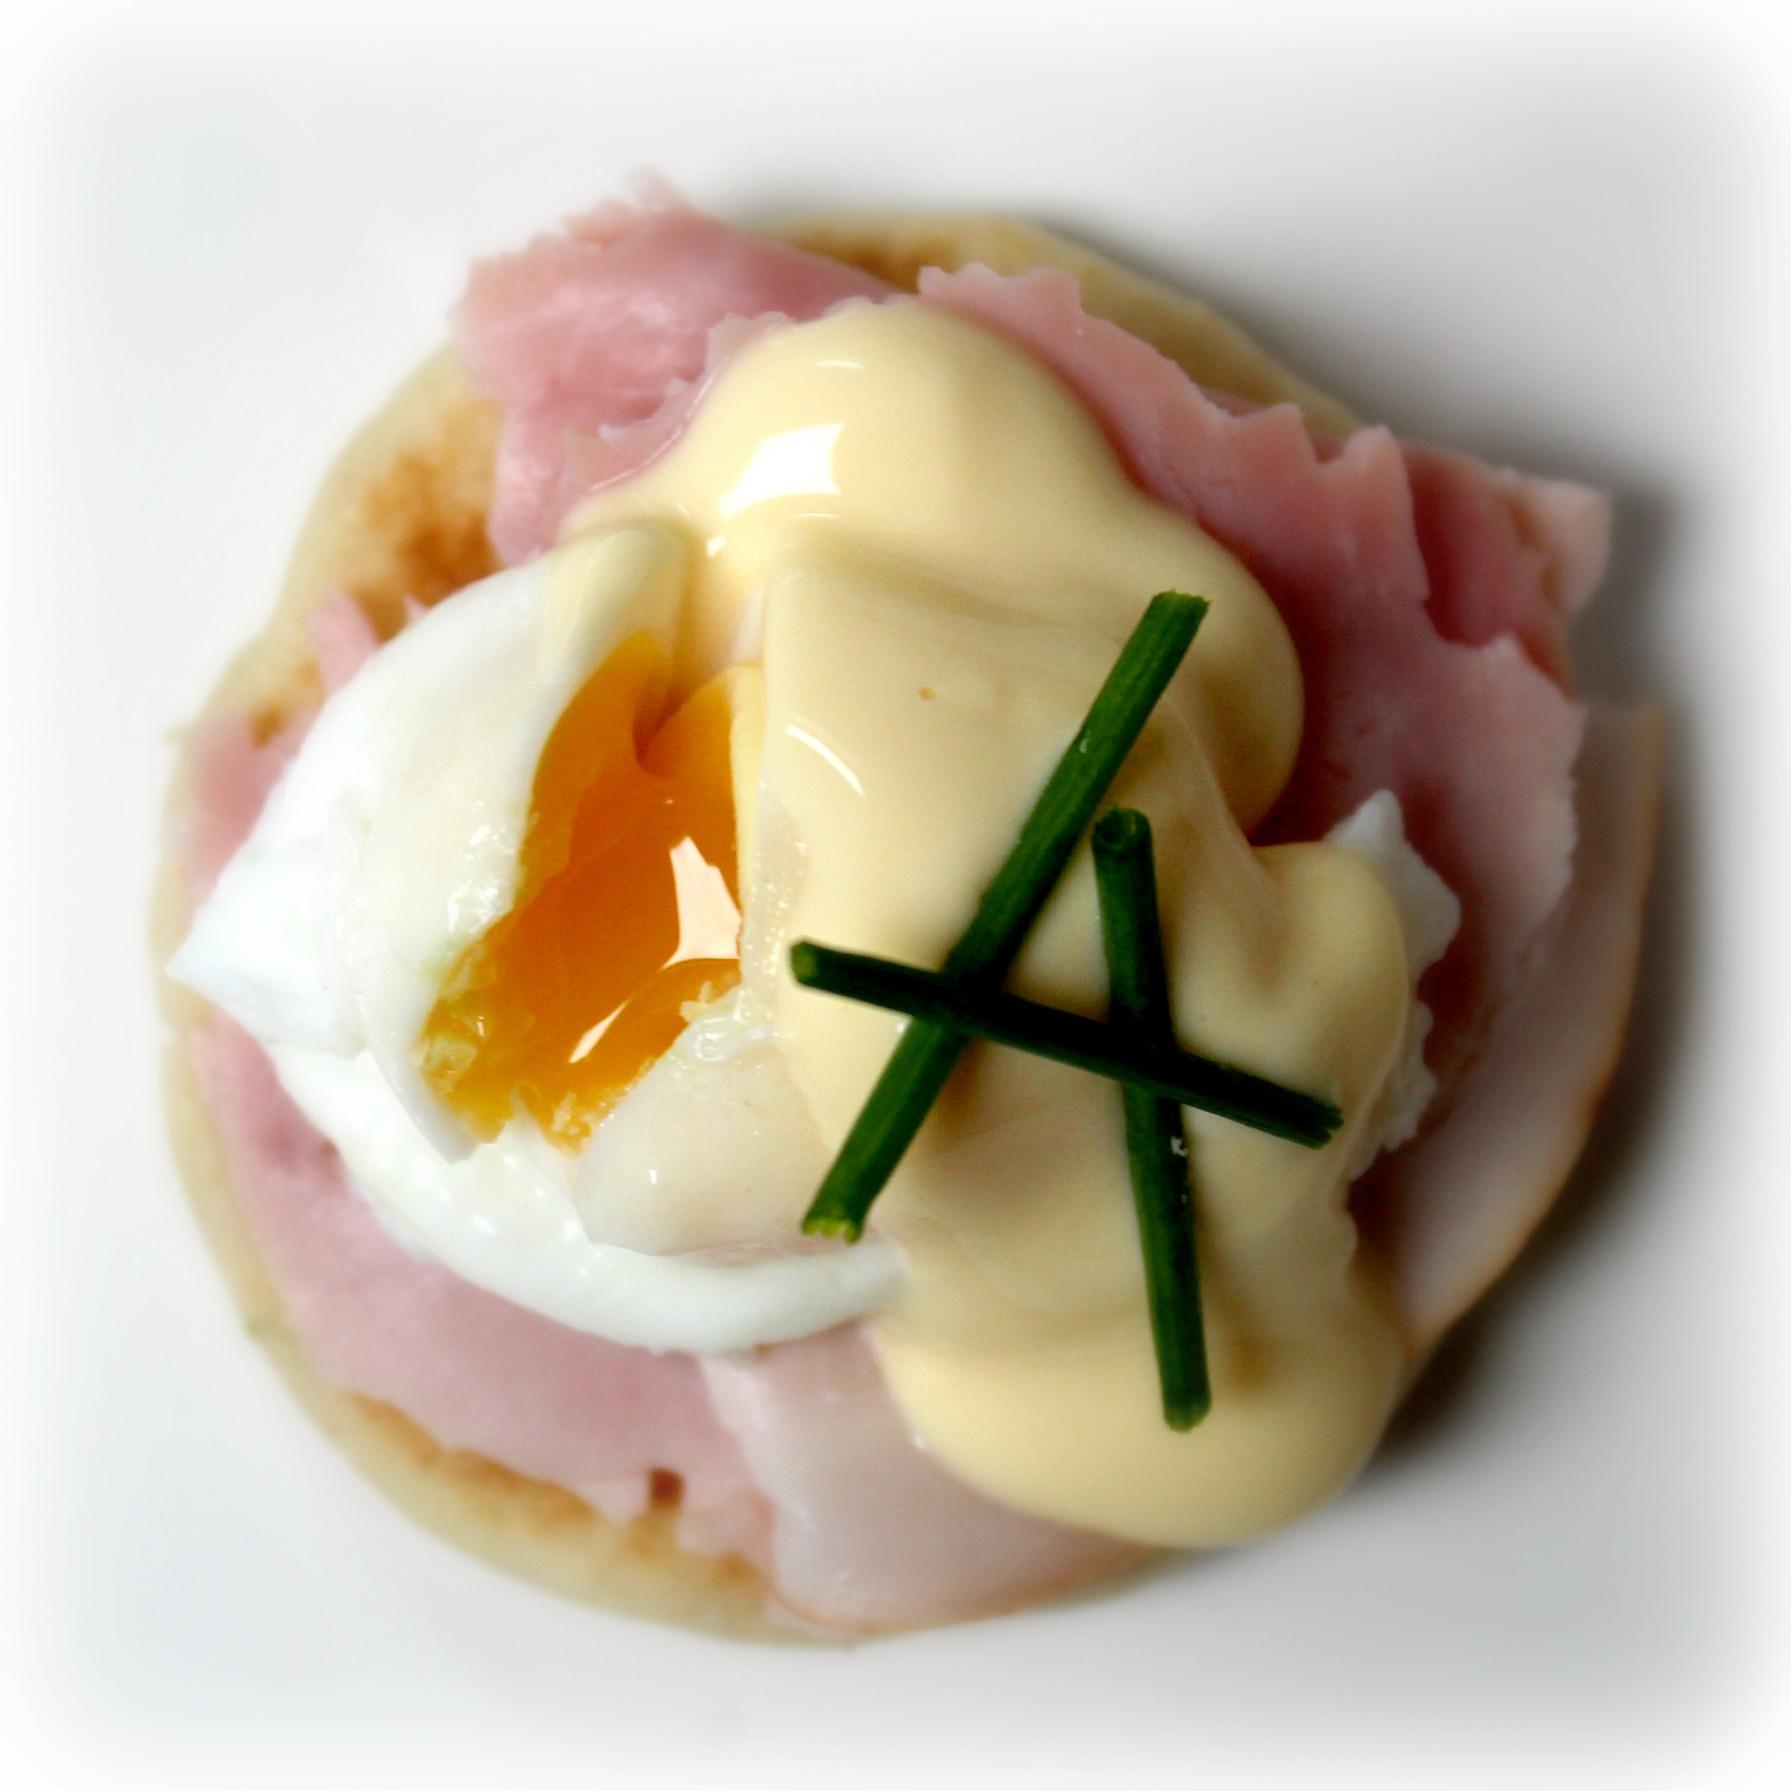 bliny - vejce benedikt